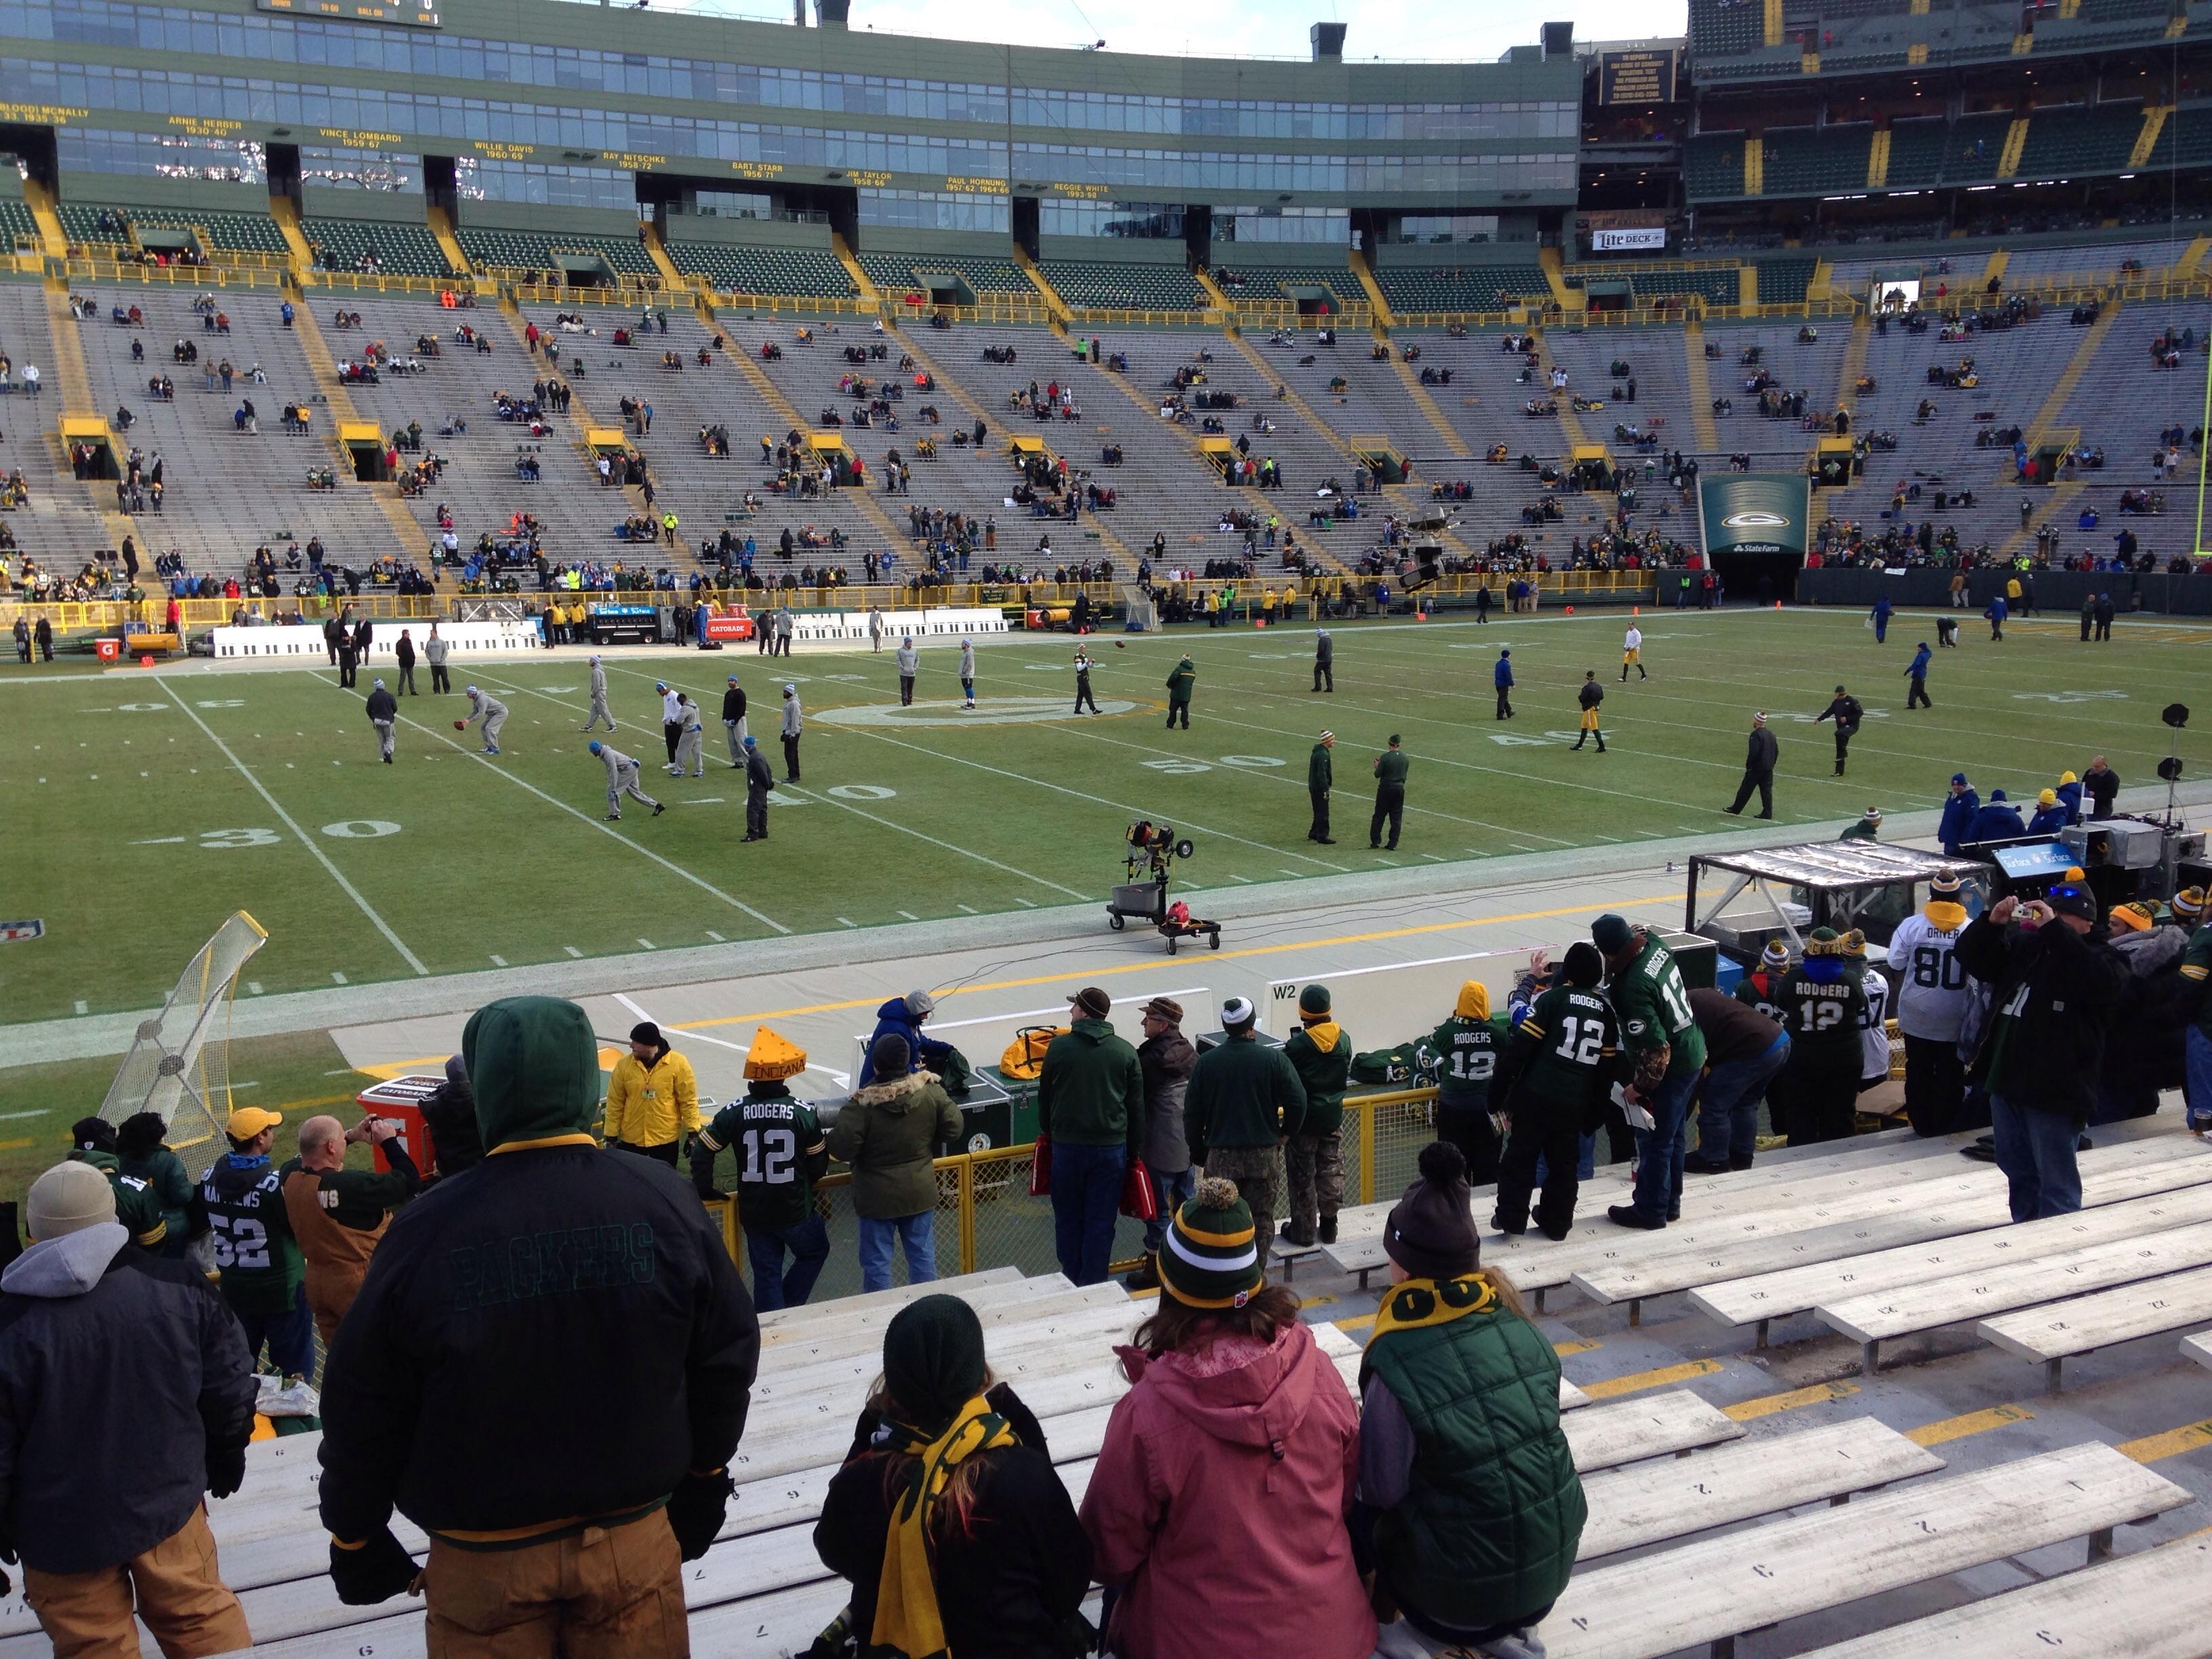 Lambeau Field Section 116 - RateYourSeats.com